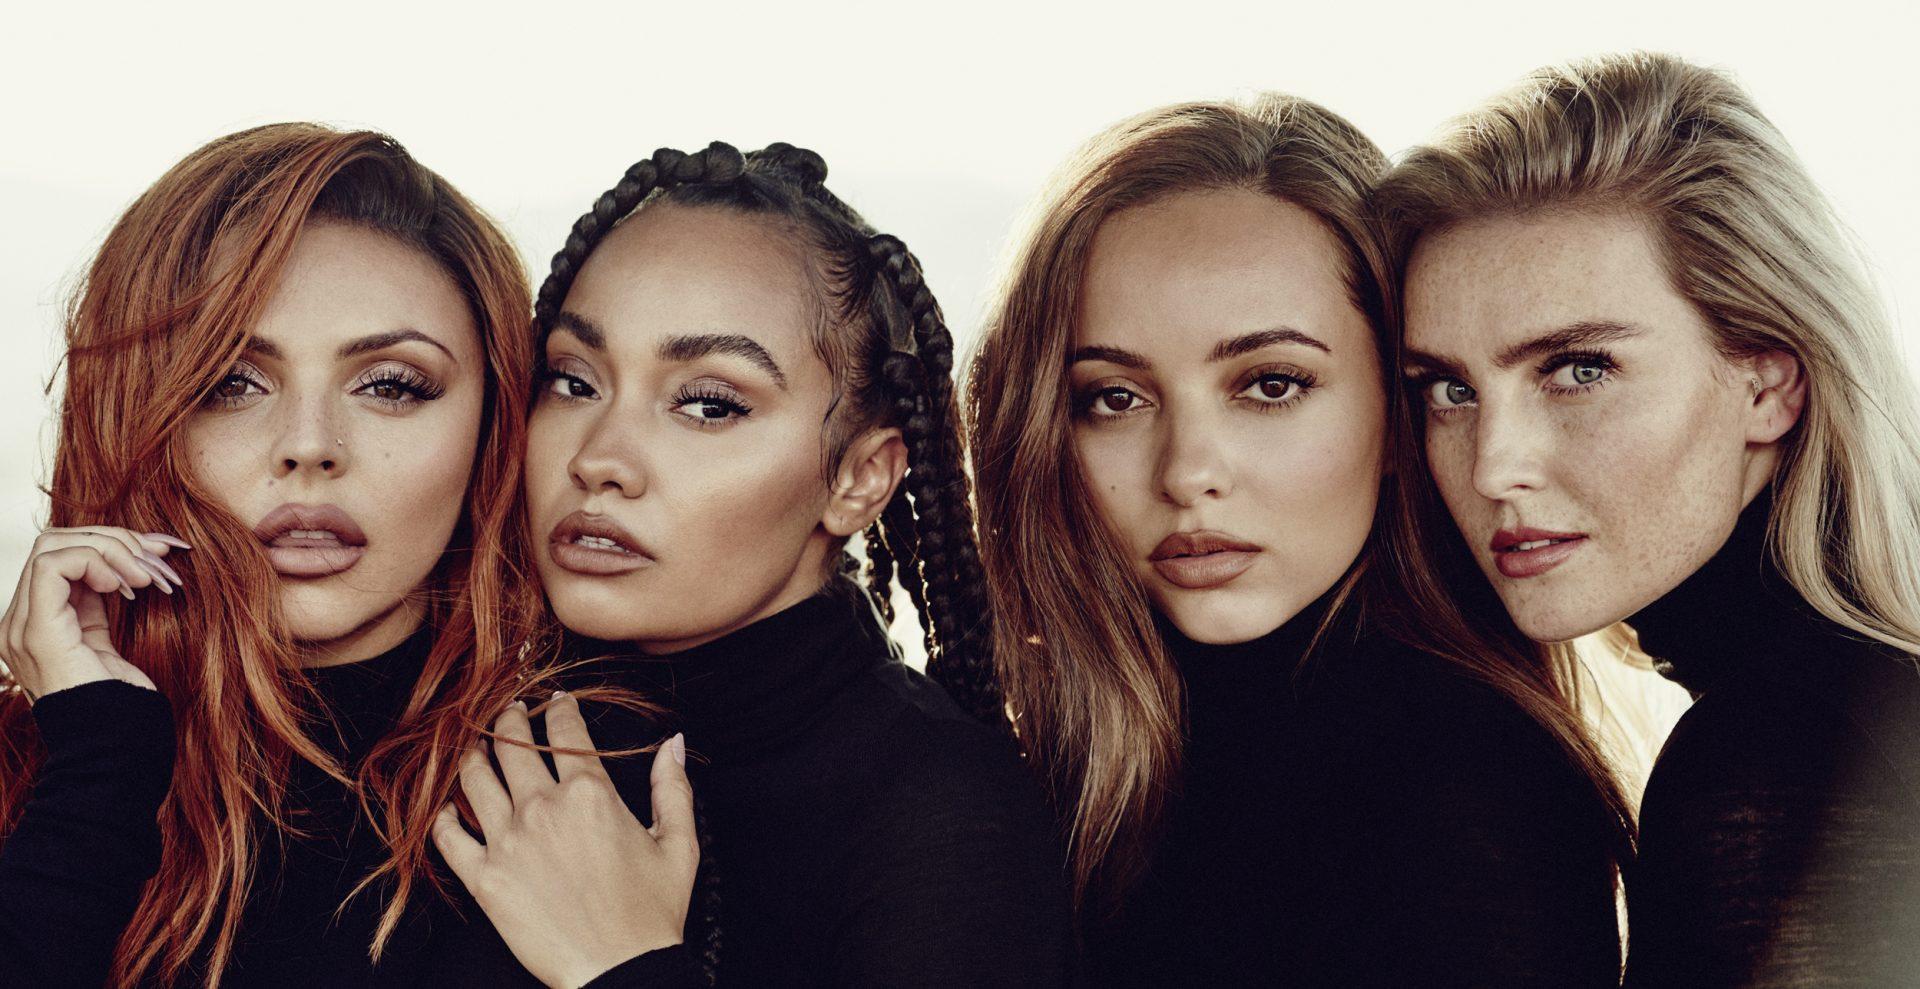 Little Mix vastustaa stereotyyppistä kuvaa naisesta uudella musiikkivideollaan